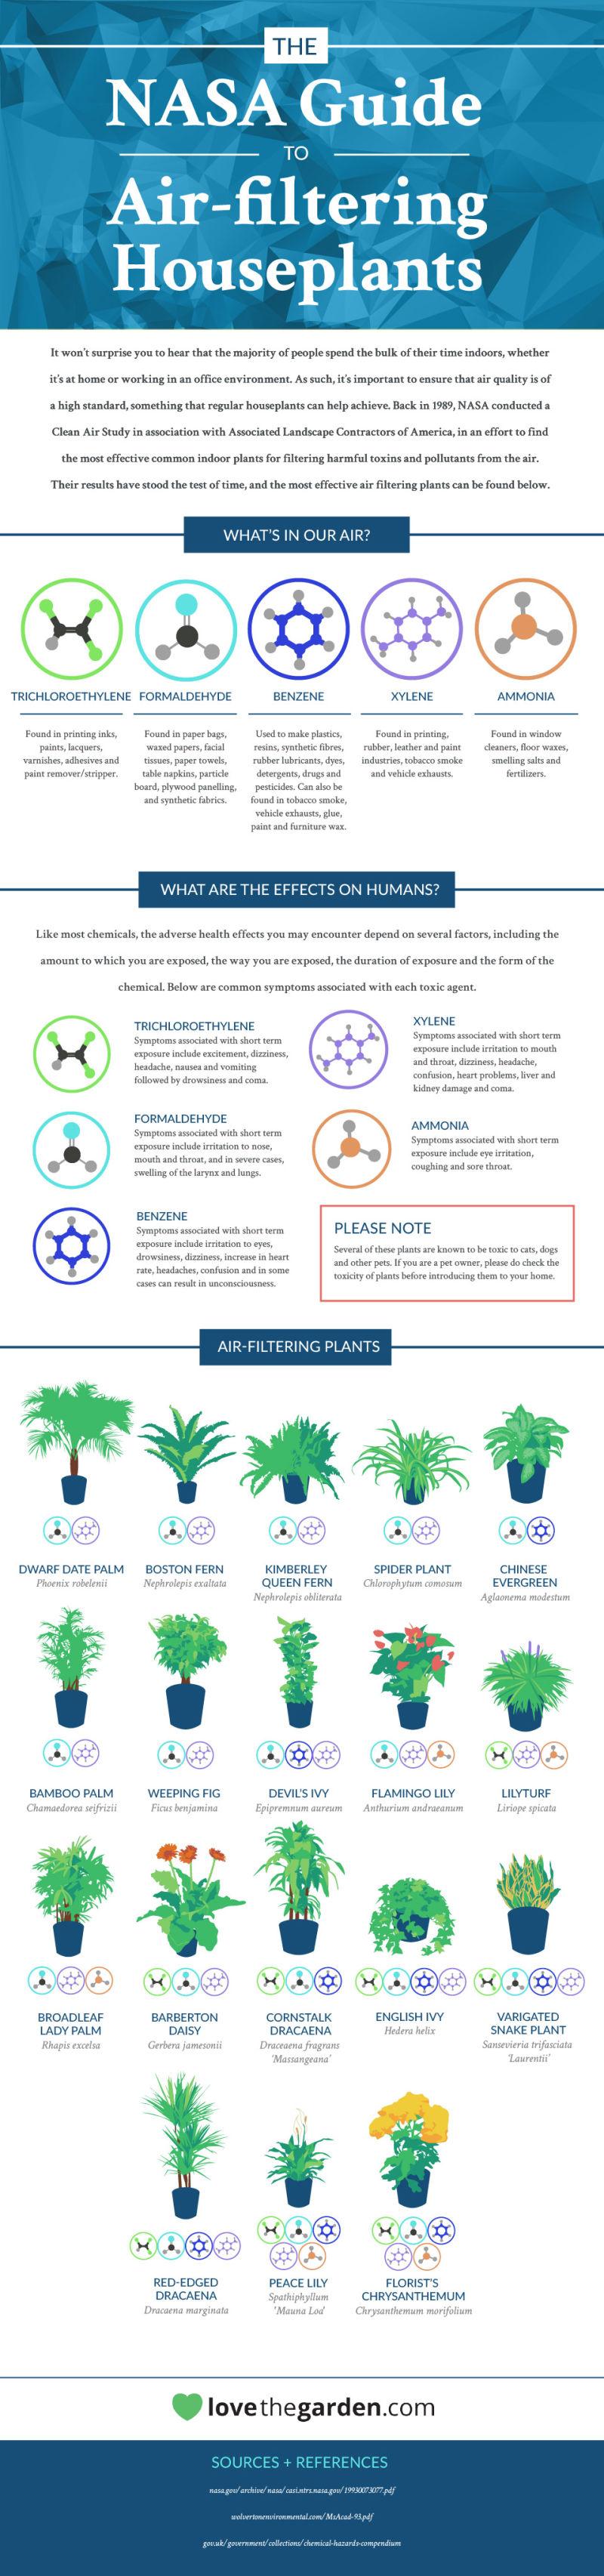 NASA air filtering houseplants